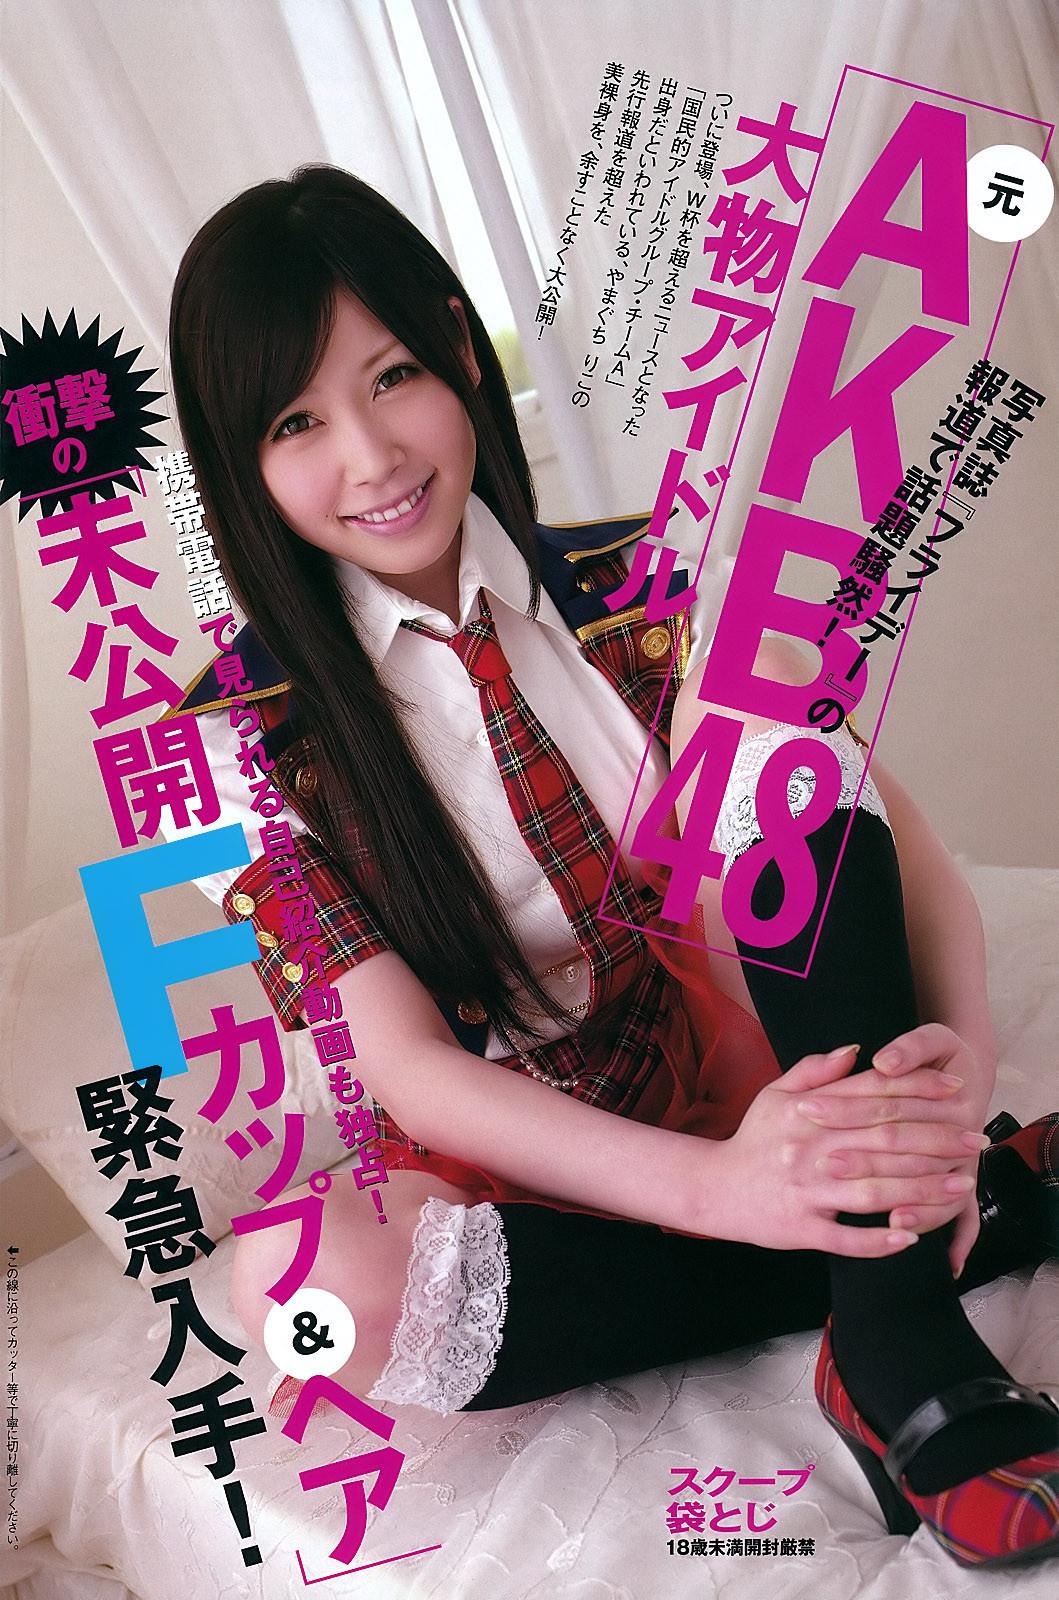 やまぐちりこ(元AKB48 中西里菜) 画像 27